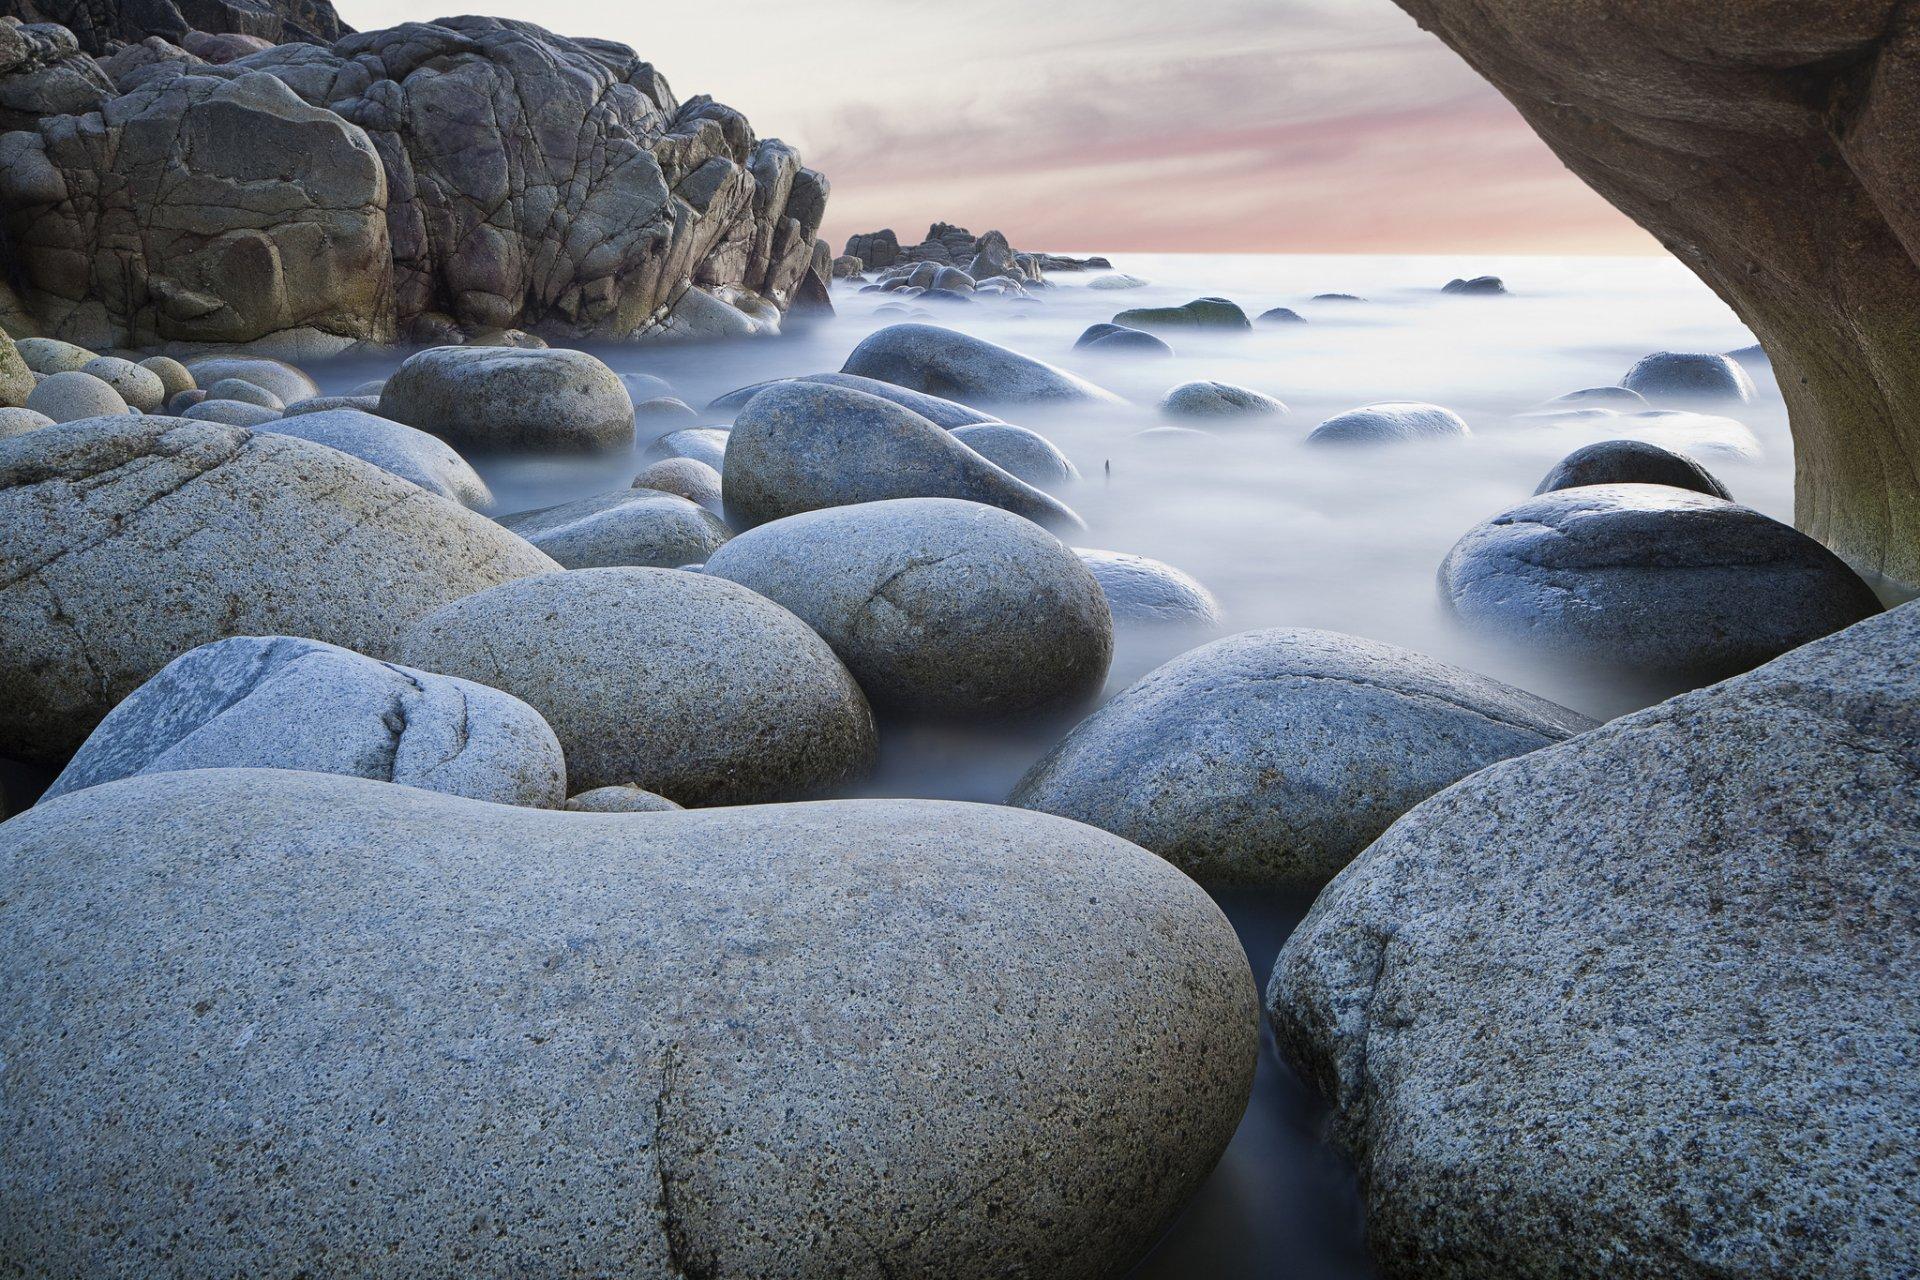 фото белых камней у воды поиска запросу